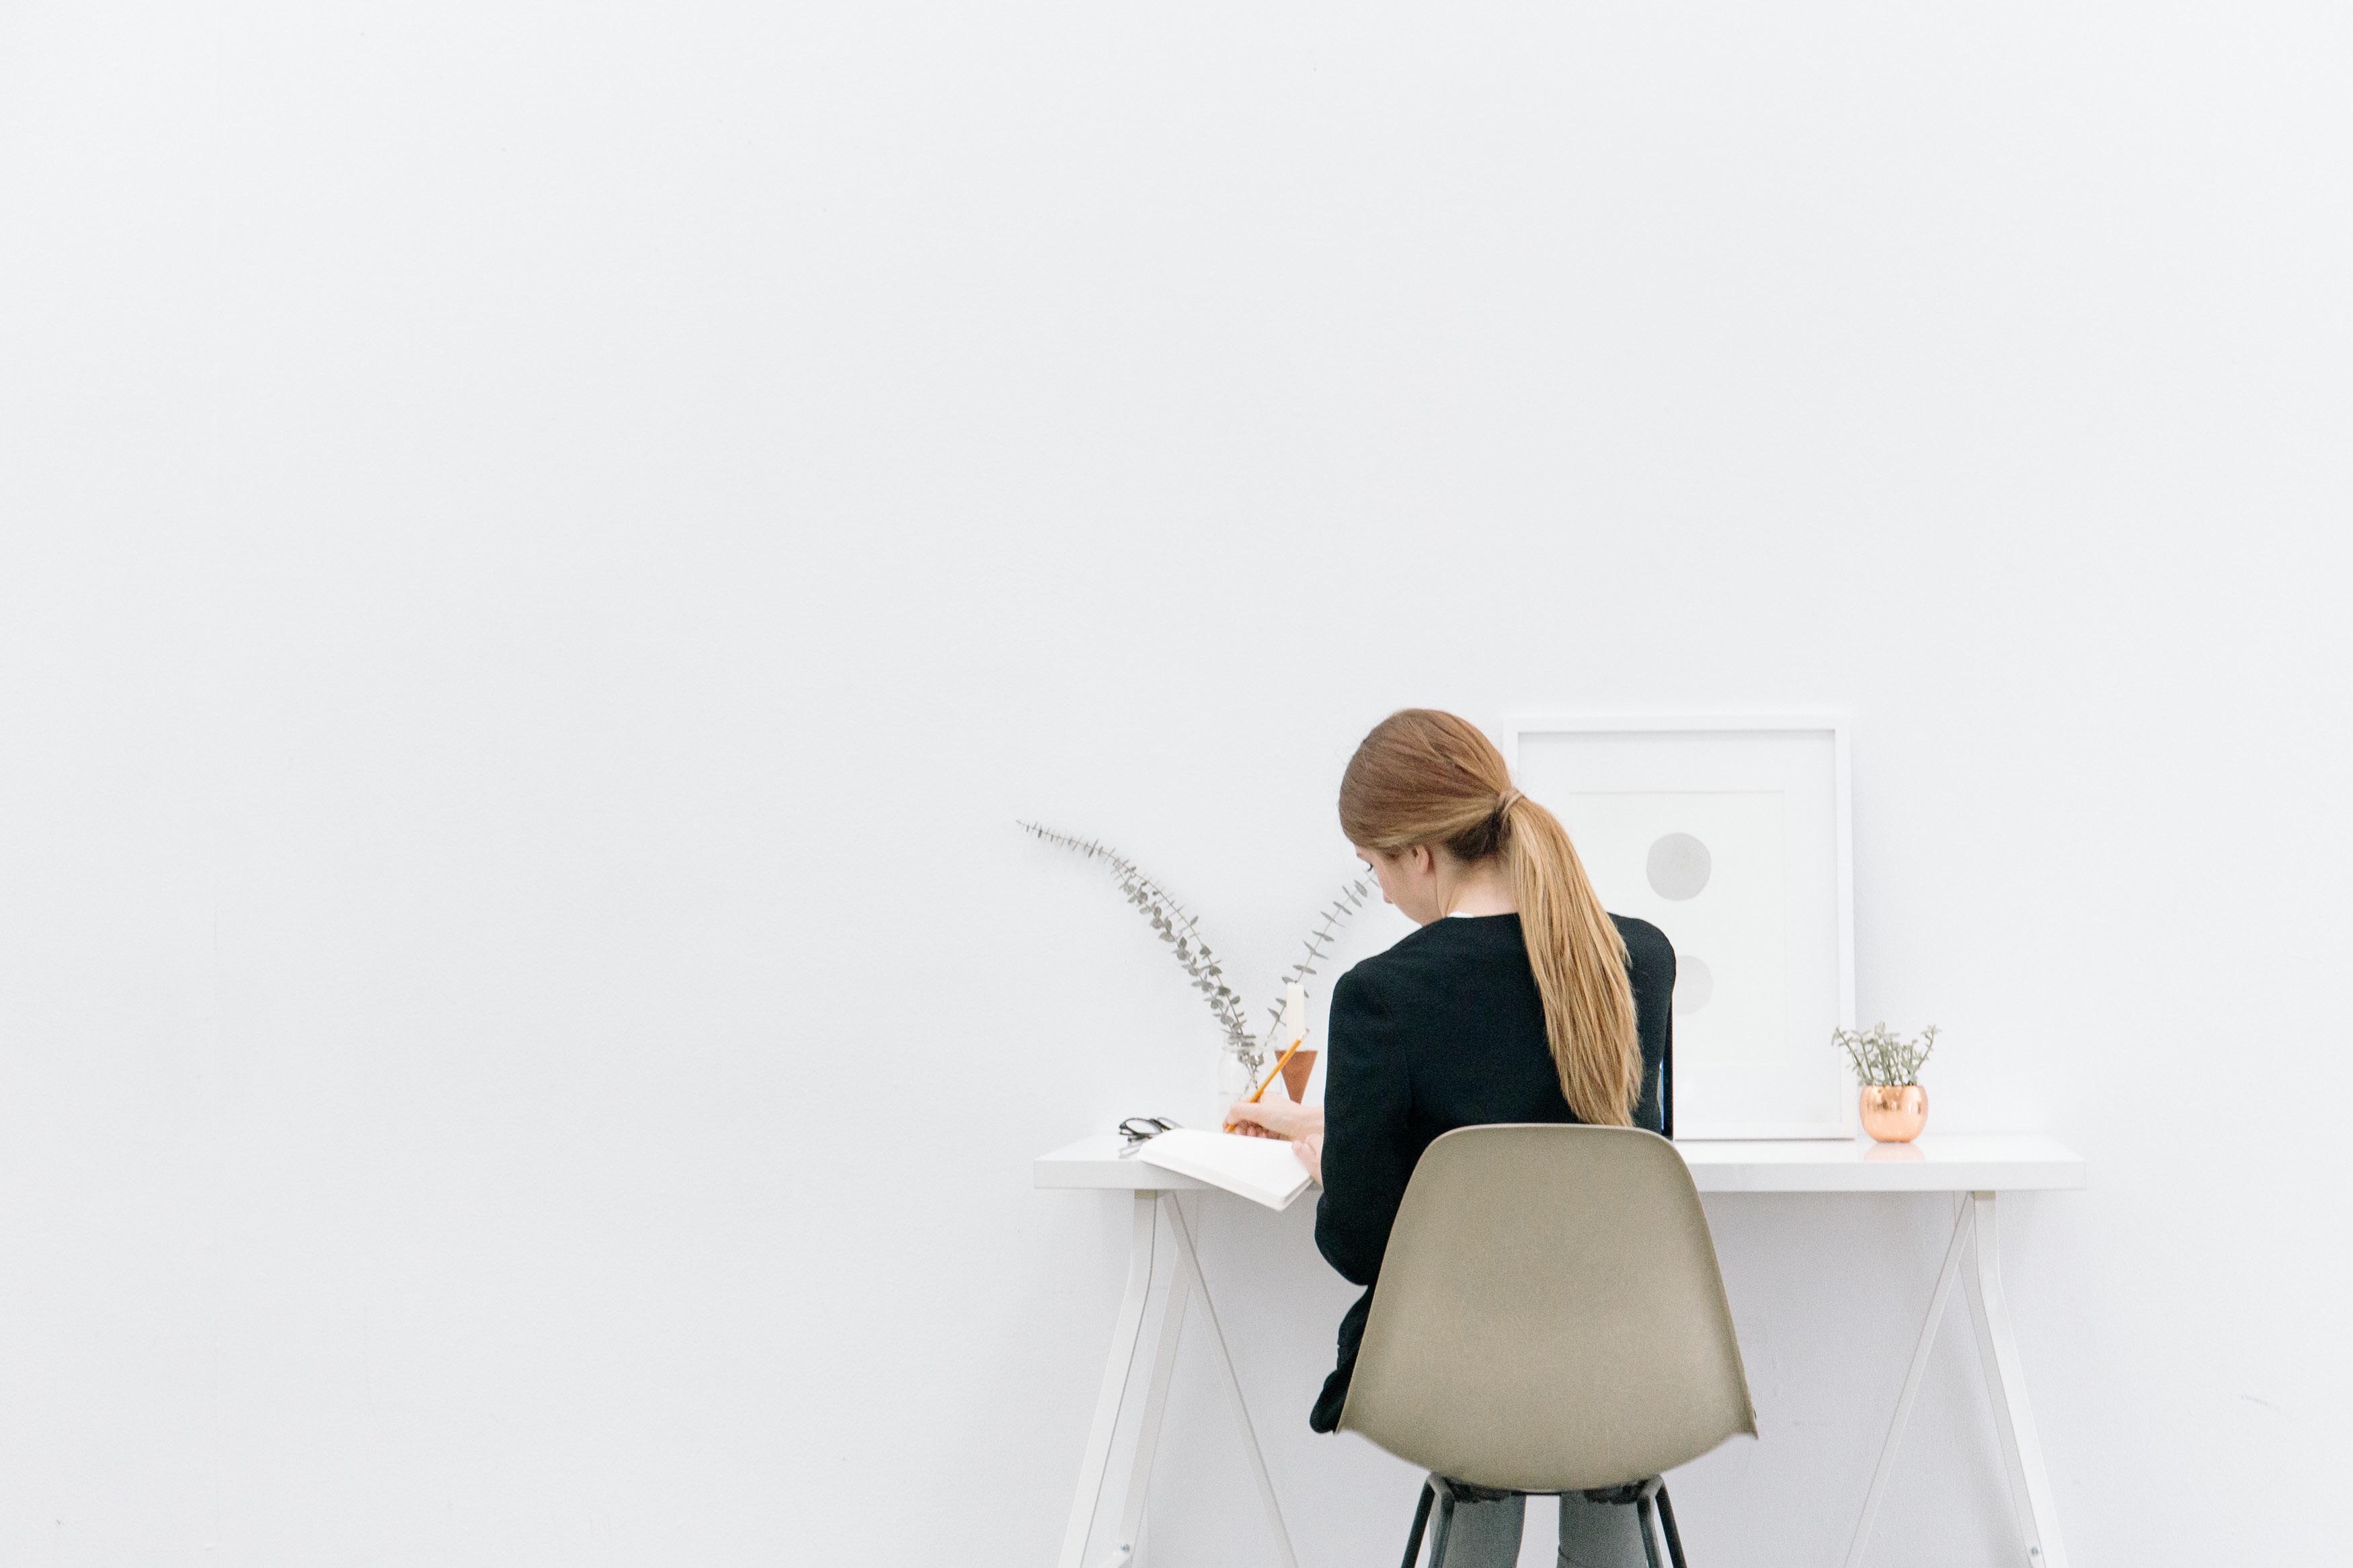 mhp-blog-si-quieres-productividad-en-la-empresa-hazla-posible